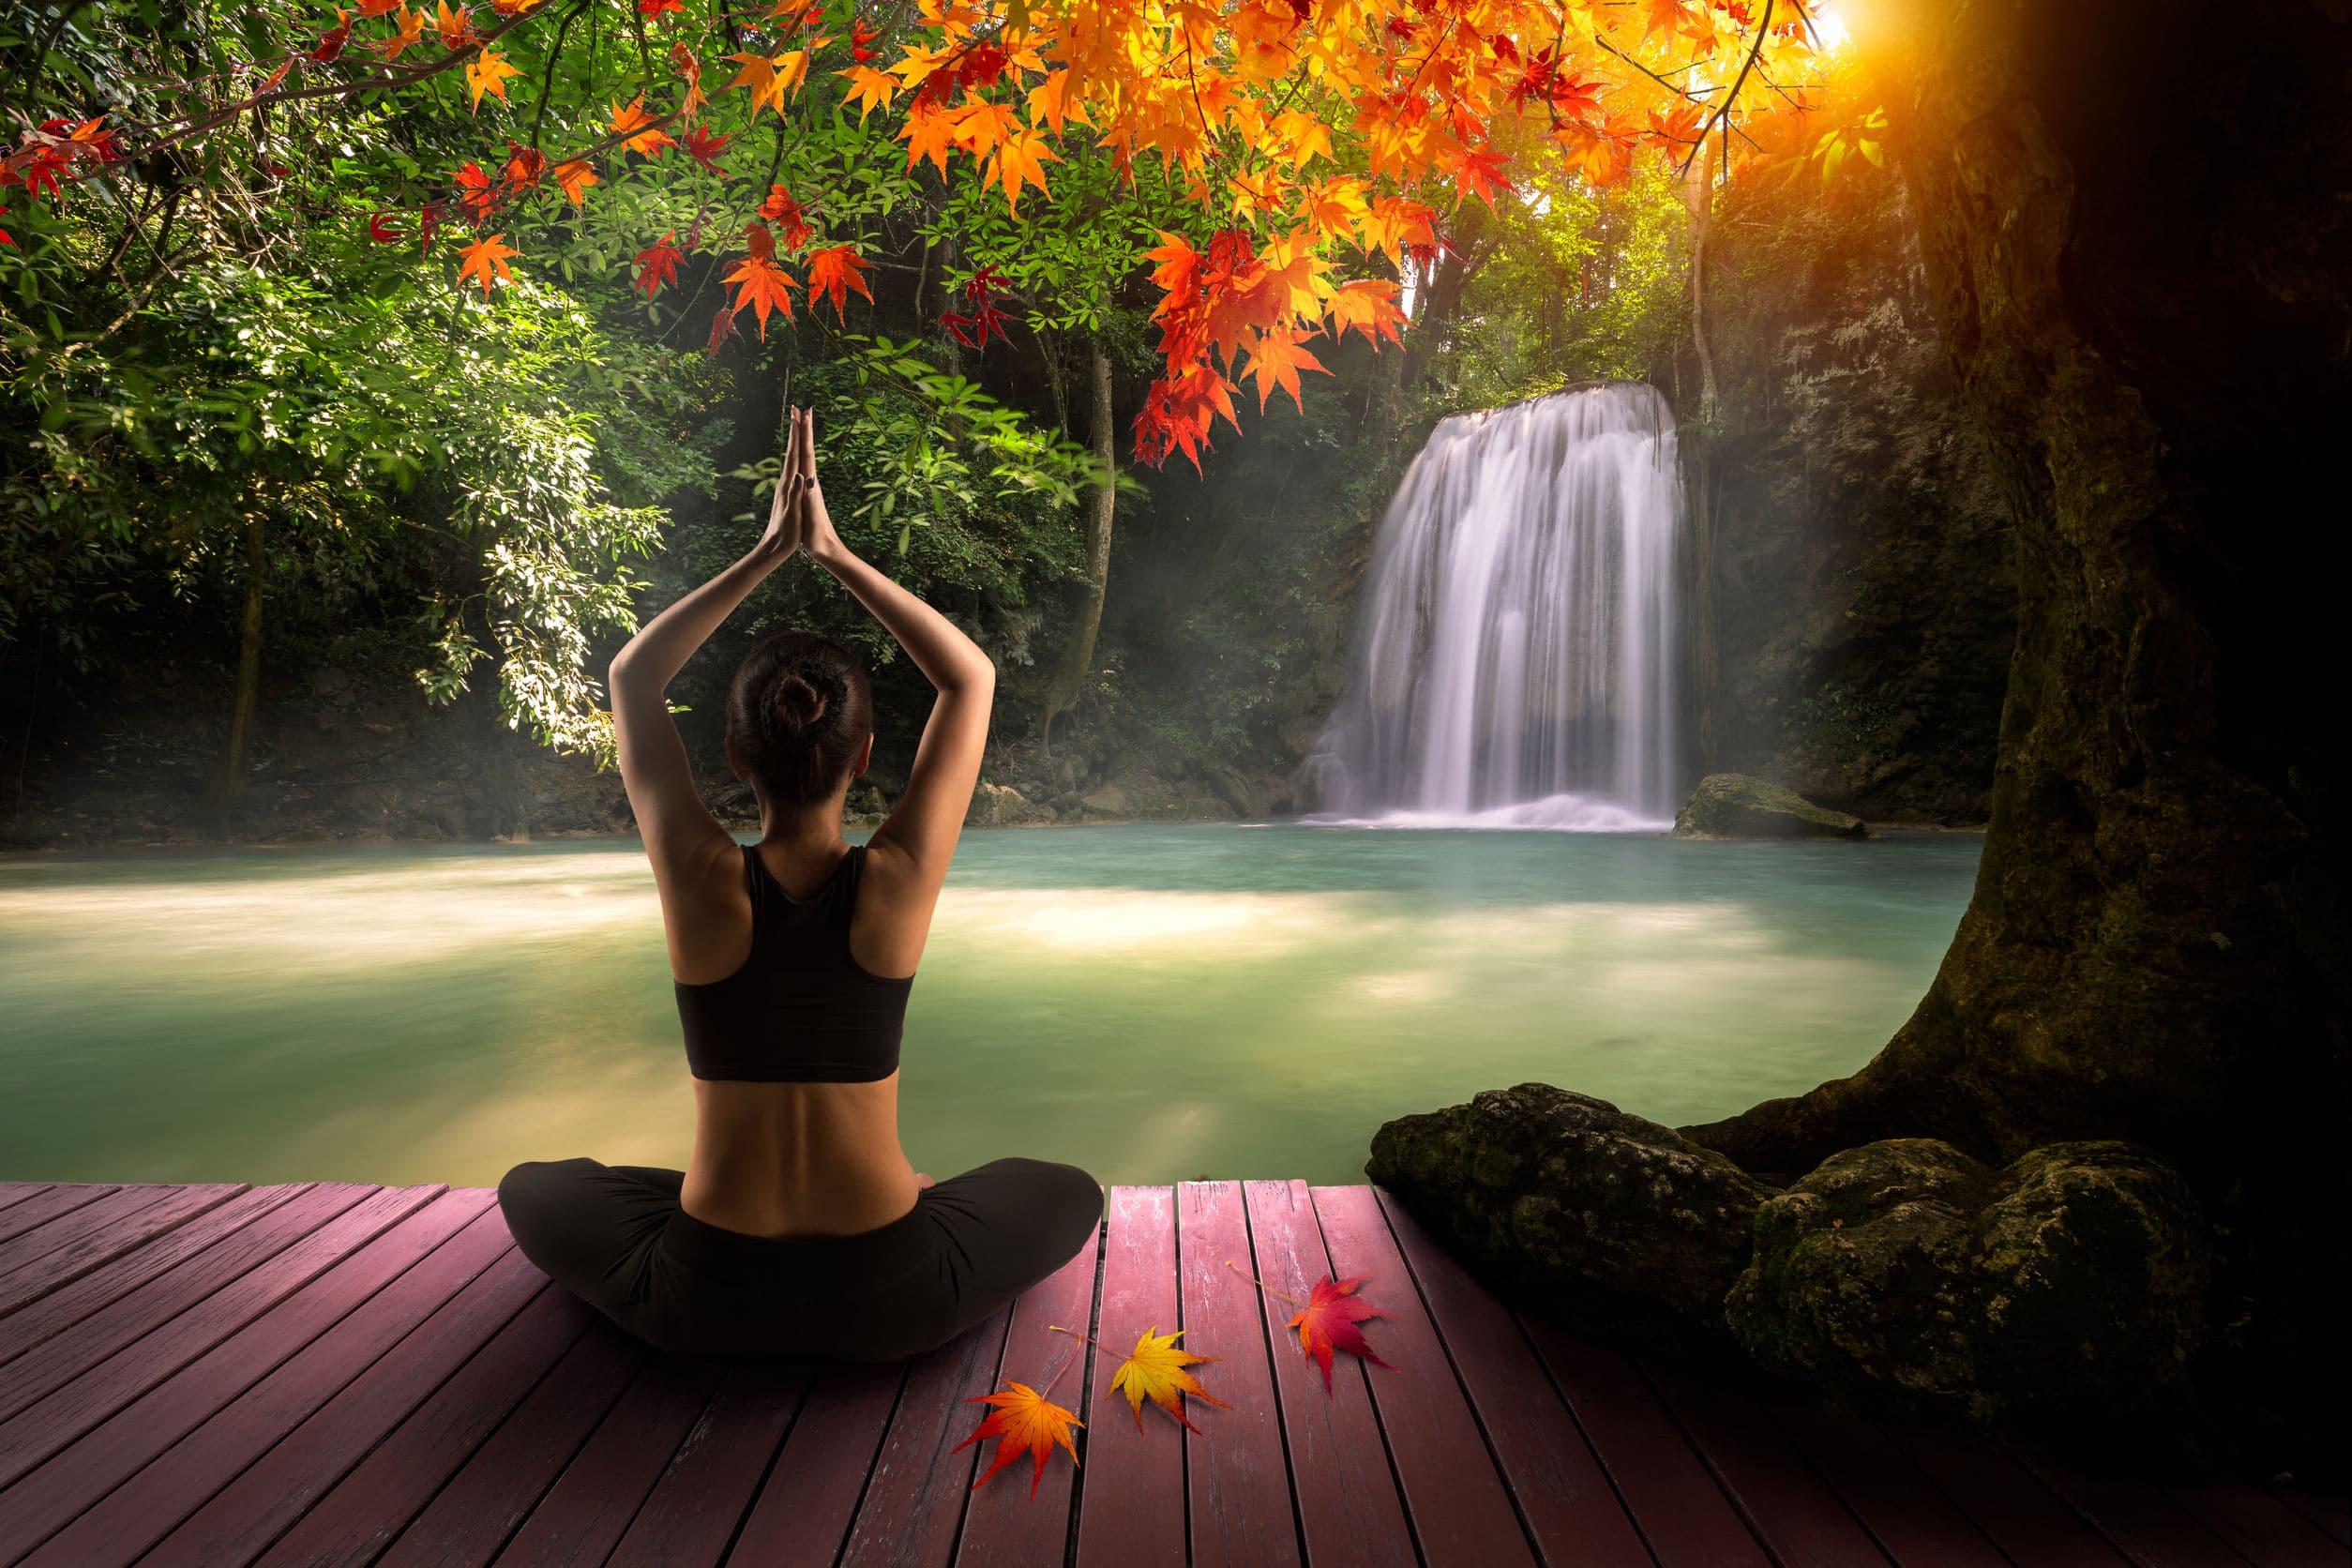 Mulher praticando yôga em frente a uma cachoeira.